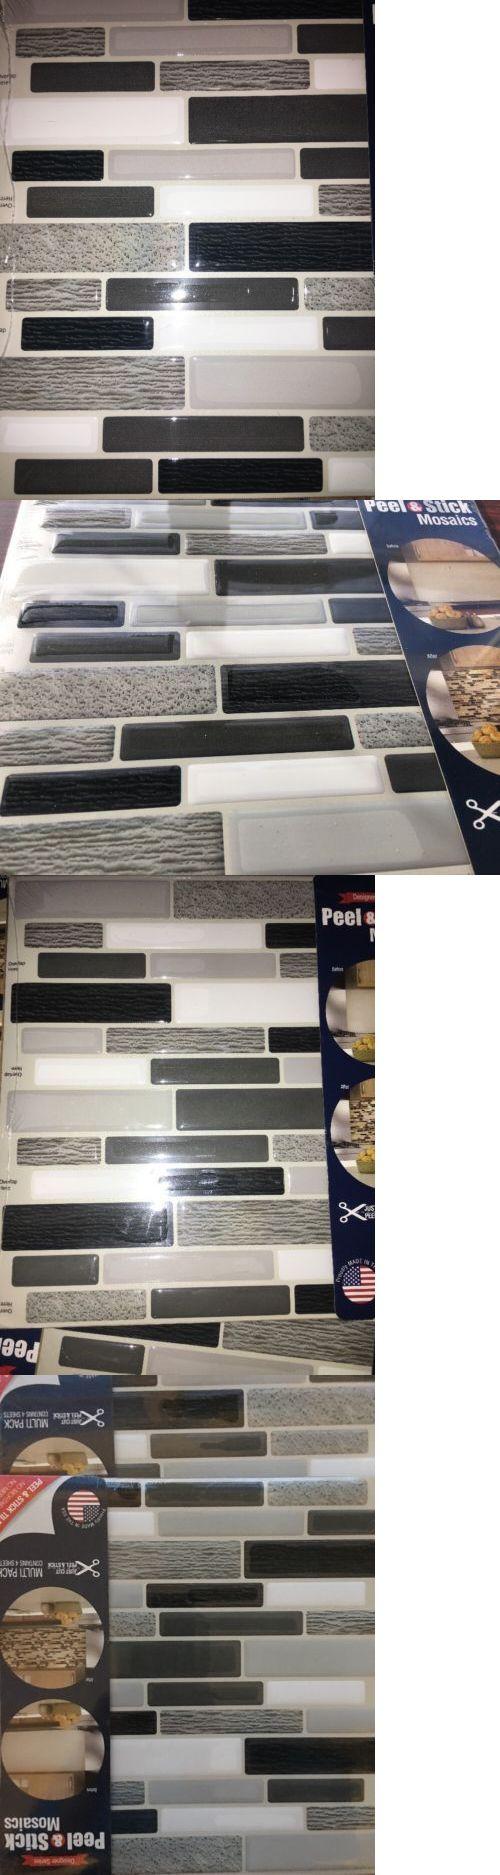 Best 25 Stick On Tiles Ideas On Pinterest Kitchen Walls